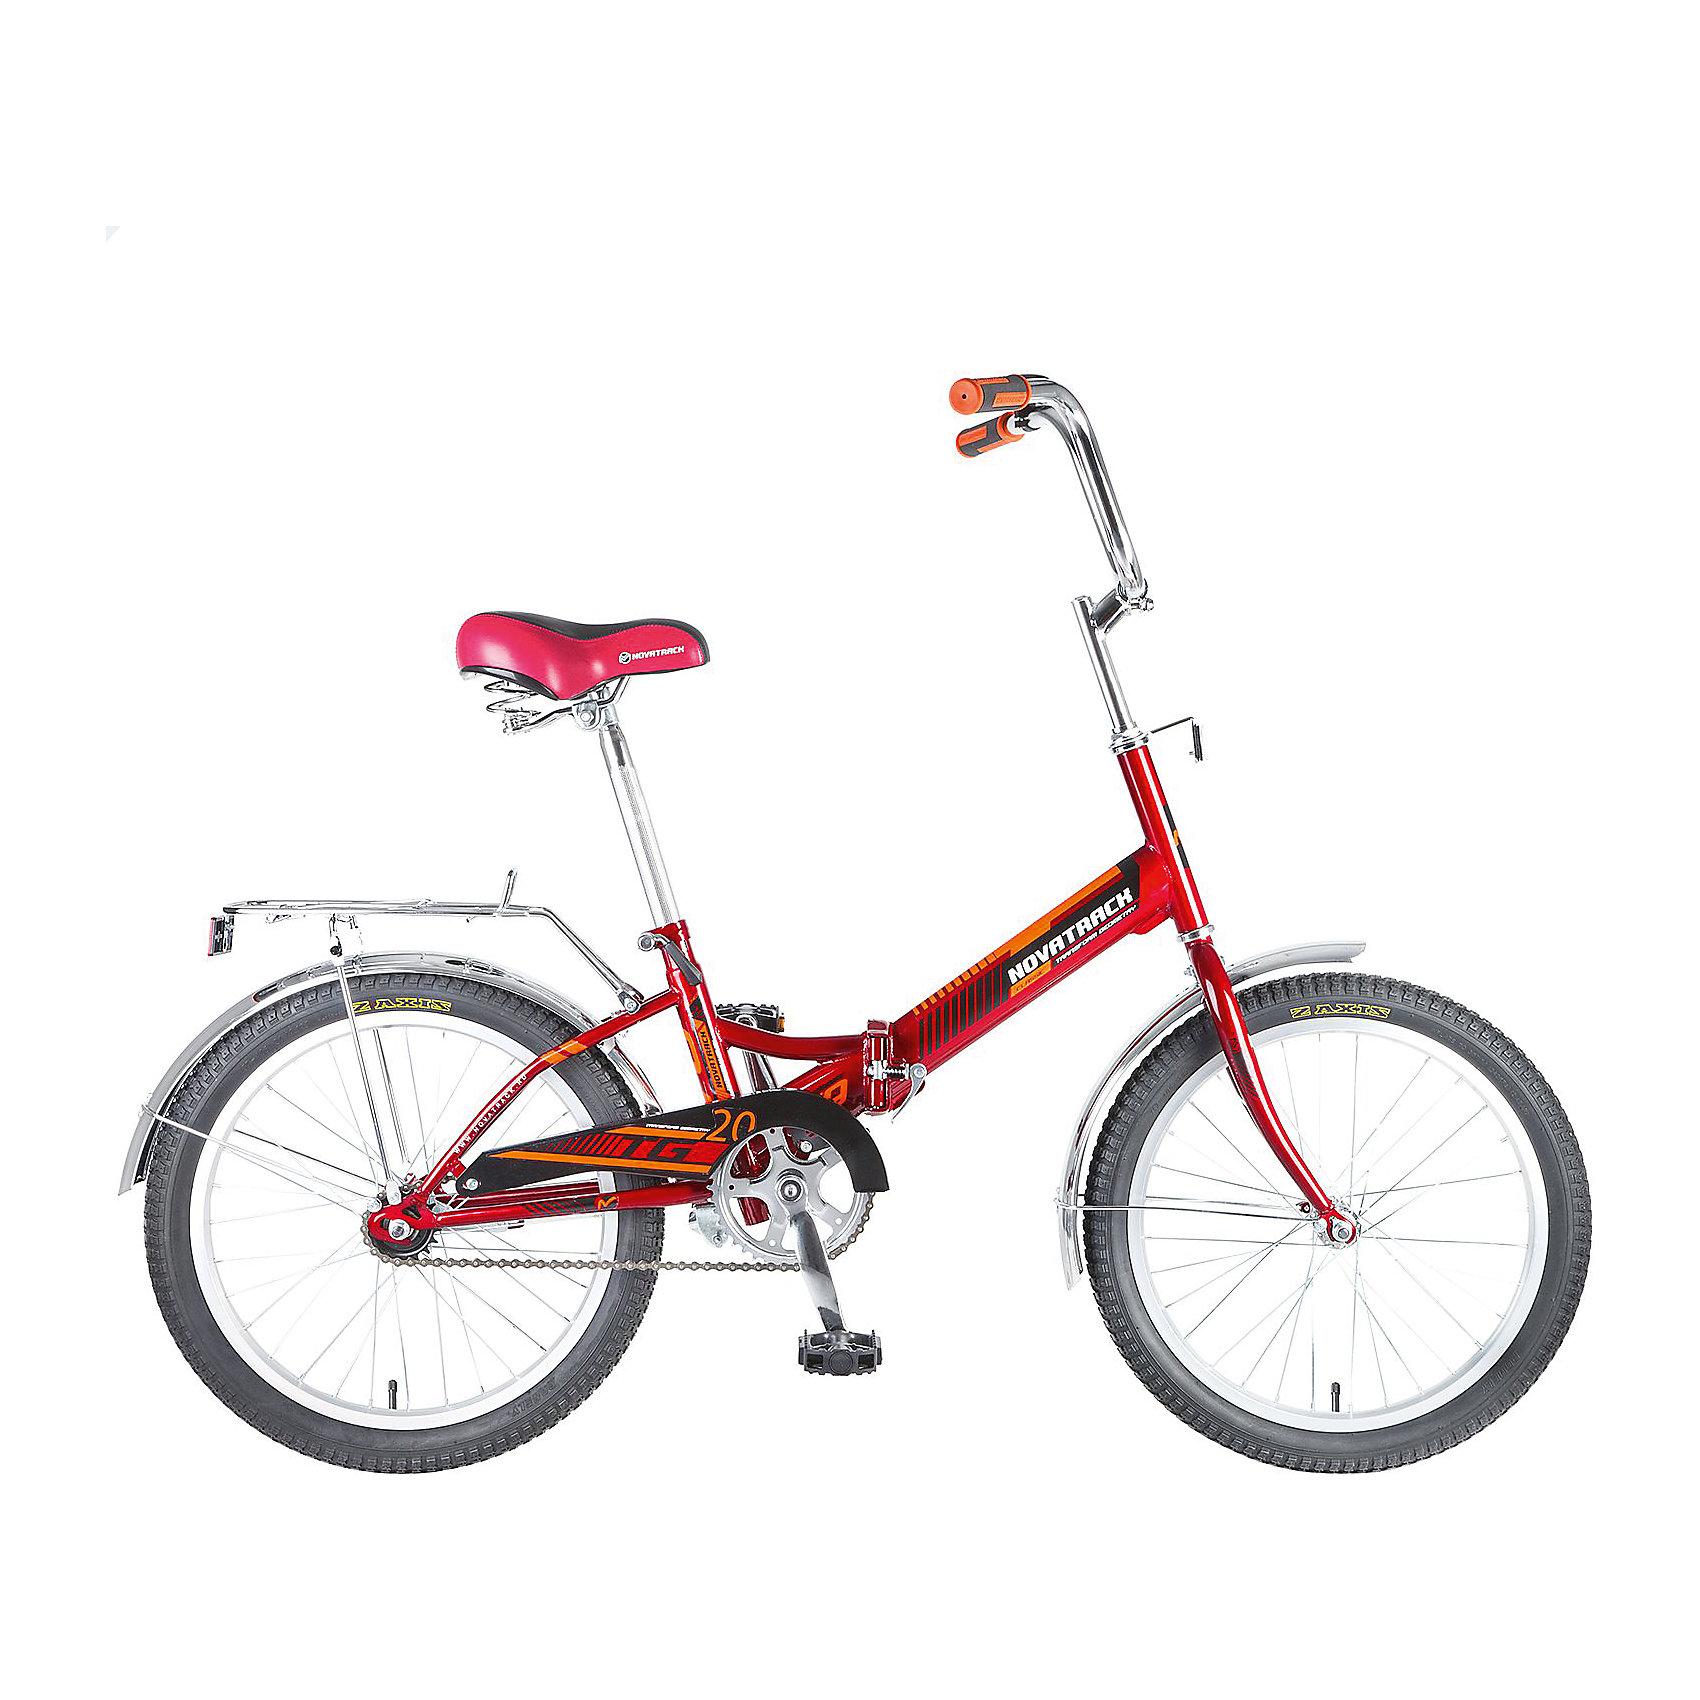 Велосипед TG20, красный, 20 дюймов, NovatrackВелосипеды детские<br>Перед вами cовременный, удобный и безопасный складной велосипед, катаясь на котором ребенок не только будет укреплять здоровье и развиваться физически, но и получит море удовольствия. Велосипед Novatrack FP-30 20'' благодаря своей универсальности подойдет ребятам 8-14 лет. Стильная расцветка, хромированные крылья, усиленный багажник, ножной задний тормоз – это еще не все преимущества данной модели. Велосипед оснащен защитой цепи, которая обезопасит нижнюю часть одежды от попадания в механизм. Мягкое и удобное сидение велосипеда позволит с комфортом кататься хоть по несколько часов подряд. Прочная стальная рама складывается пополам, что позволяет перевозить велосипед в машине или компактно хранить его в домашних условиях.<br><br>Ширина мм: 1100<br>Глубина мм: 180<br>Высота мм: 520<br>Вес г: 14000<br>Возраст от месяцев: 84<br>Возраст до месяцев: 120<br>Пол: Унисекс<br>Возраст: Детский<br>SKU: 5613220